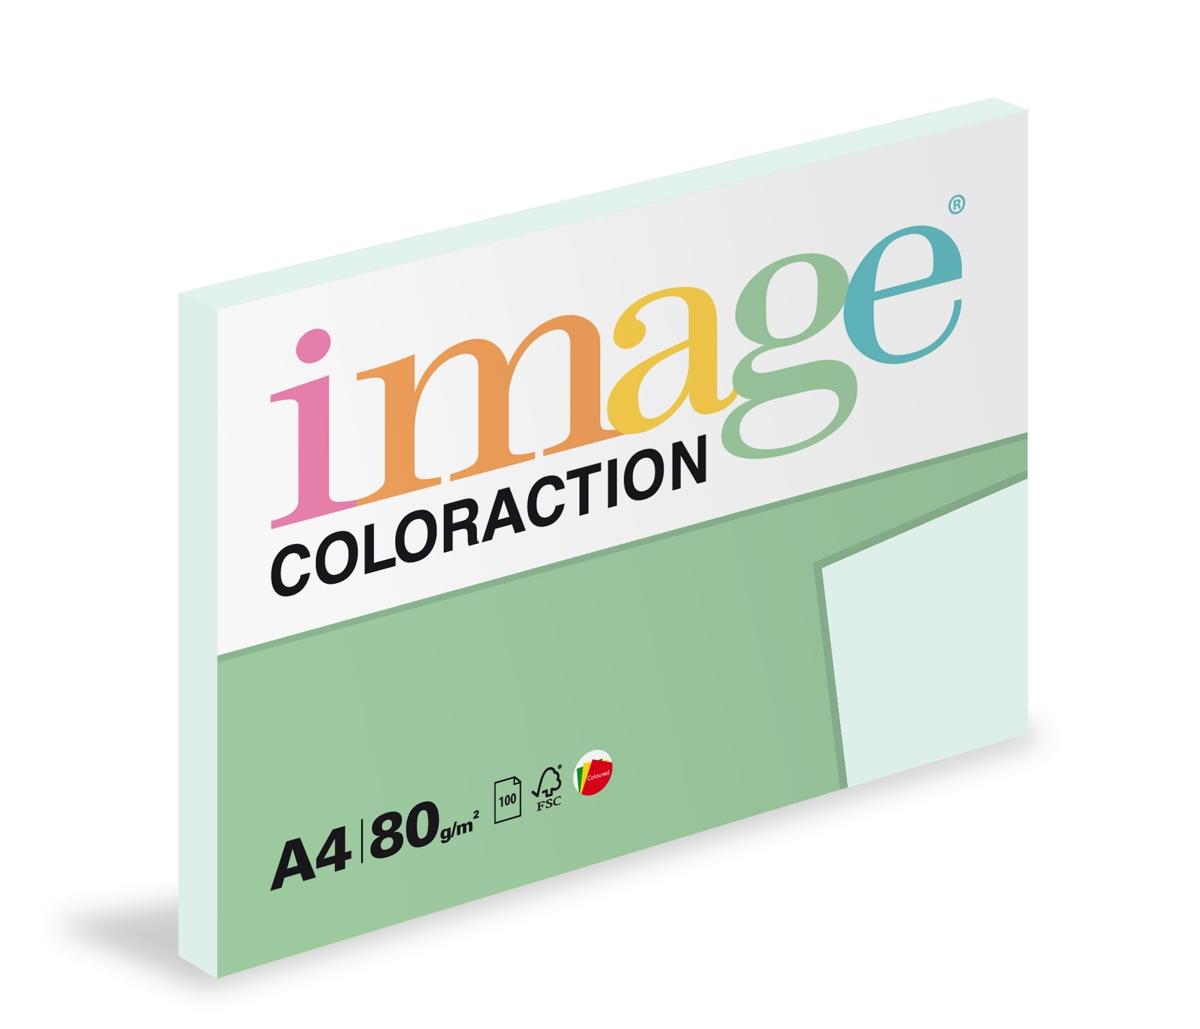 Papír kopírovací Coloraction A4 80 g modrá světlá pastelová 100 listů